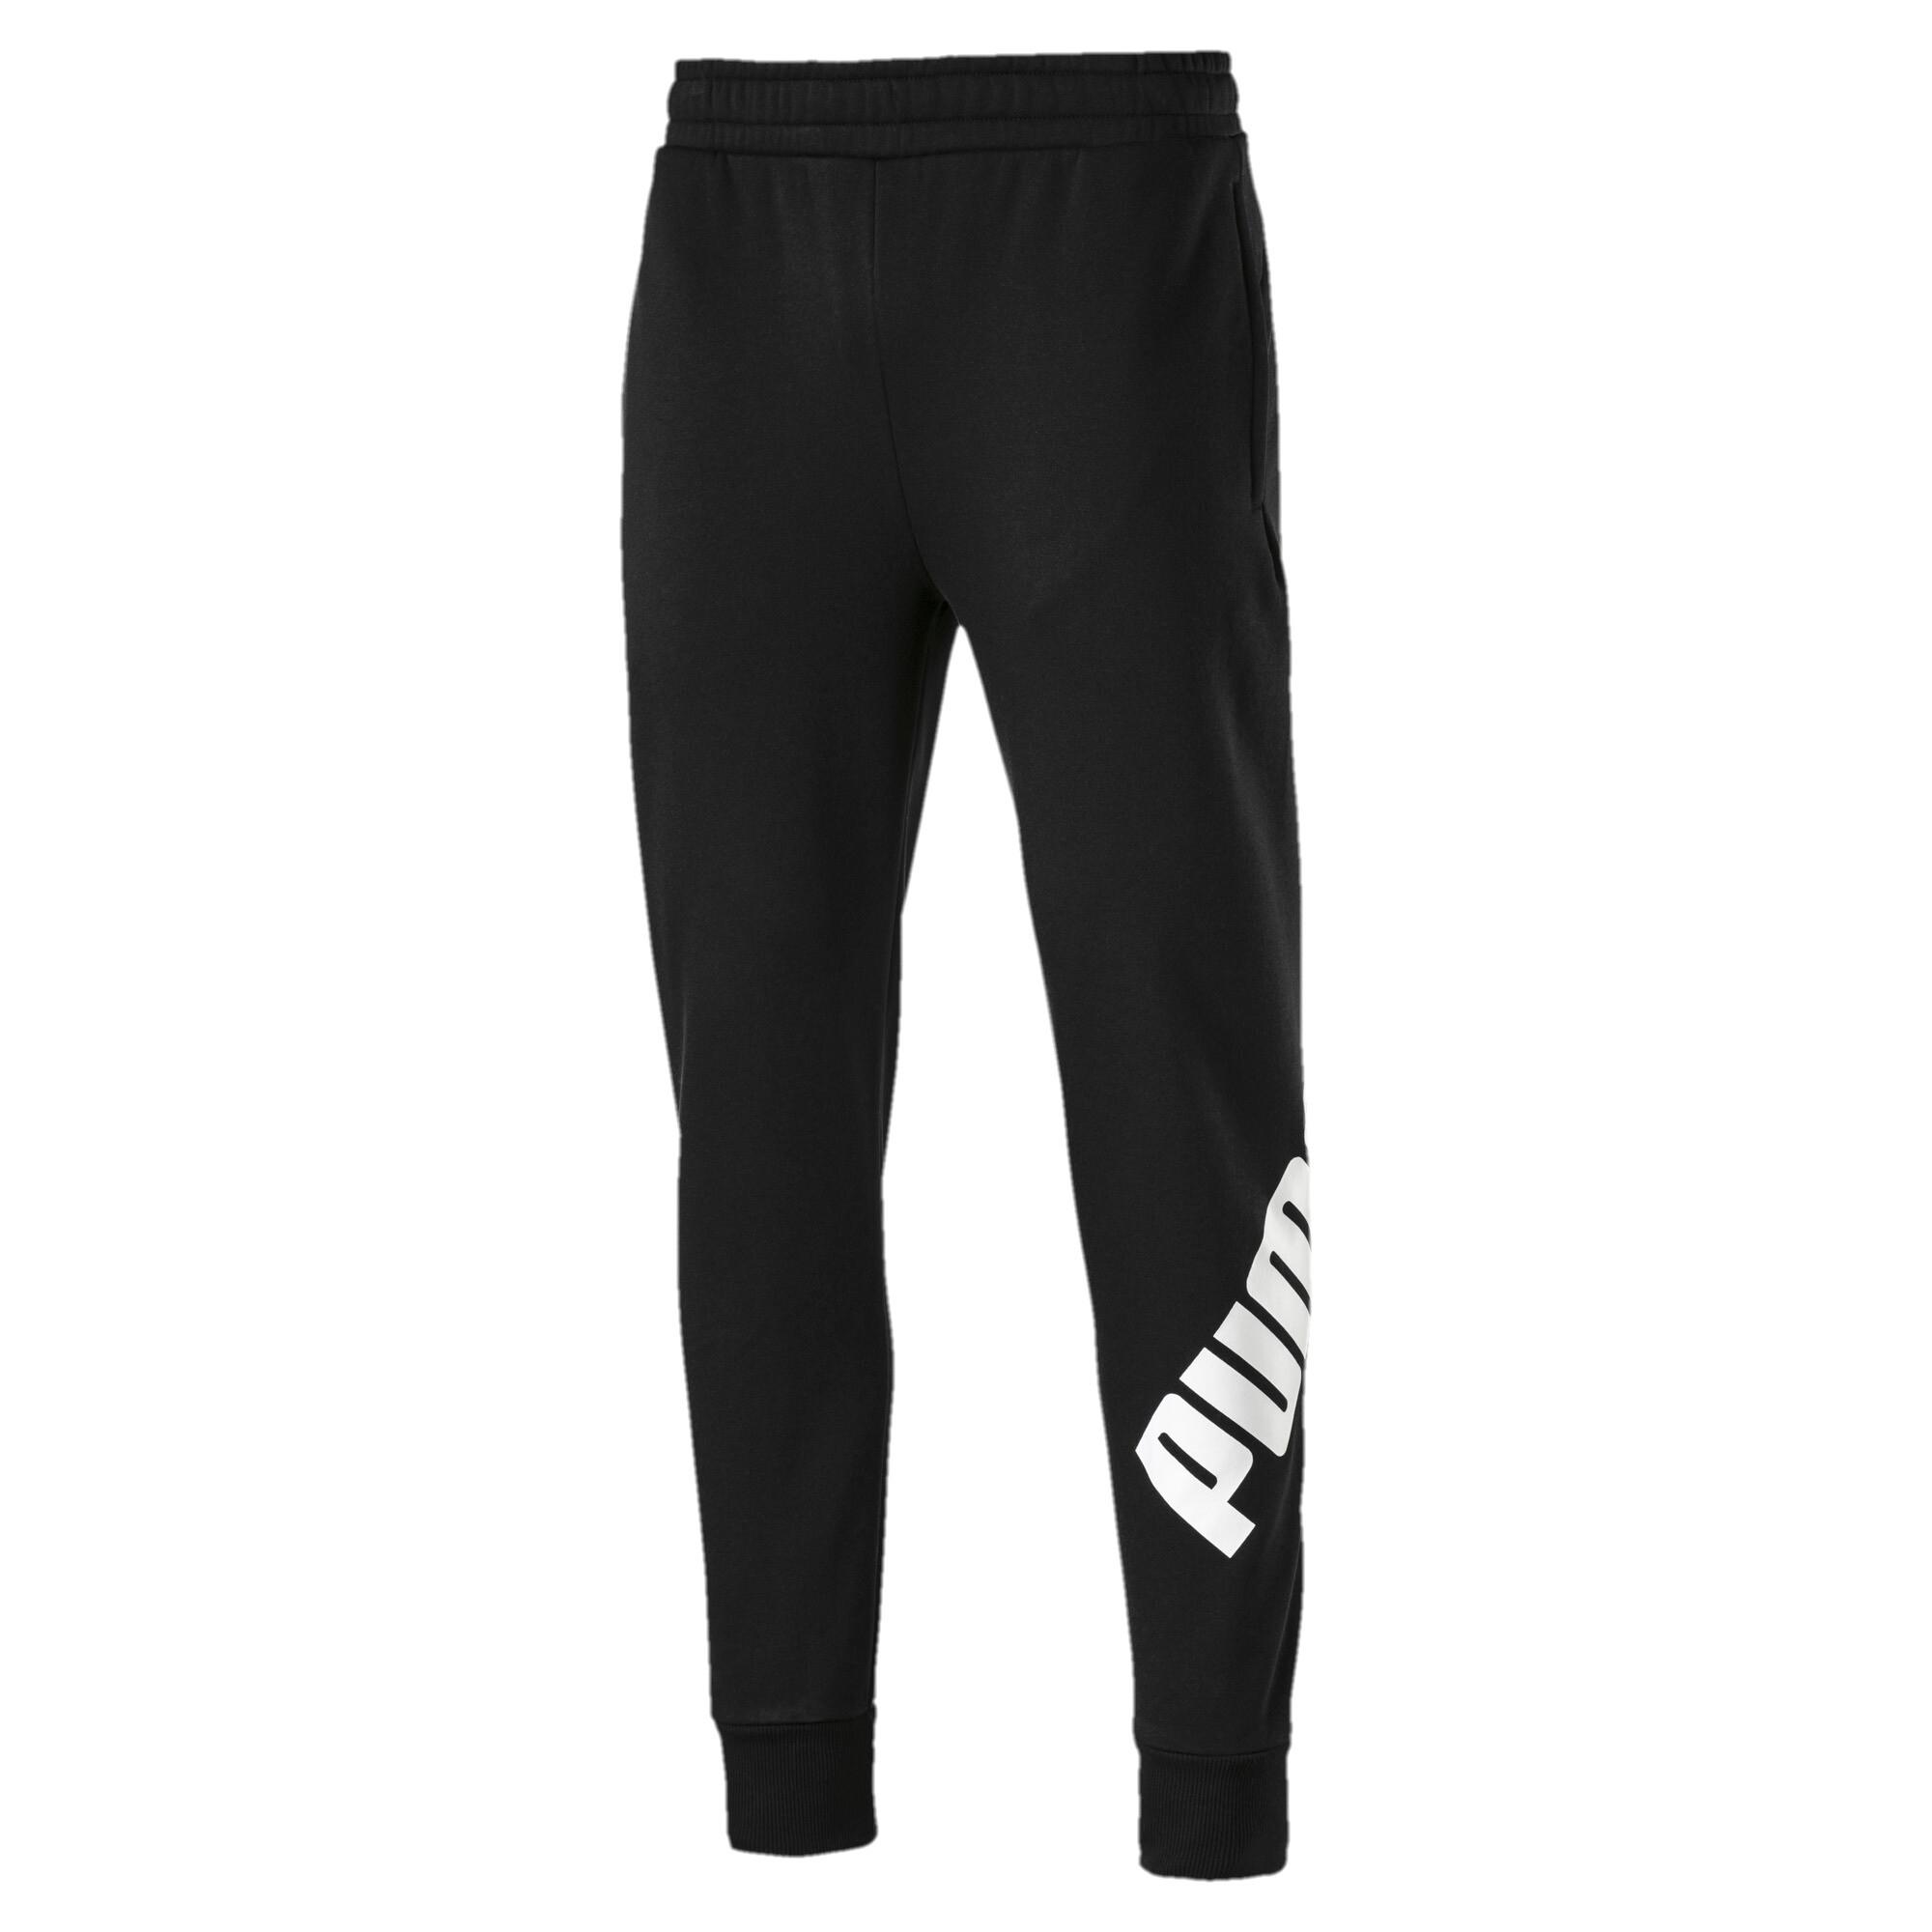 Image Puma Big Logo Men's Pants #2